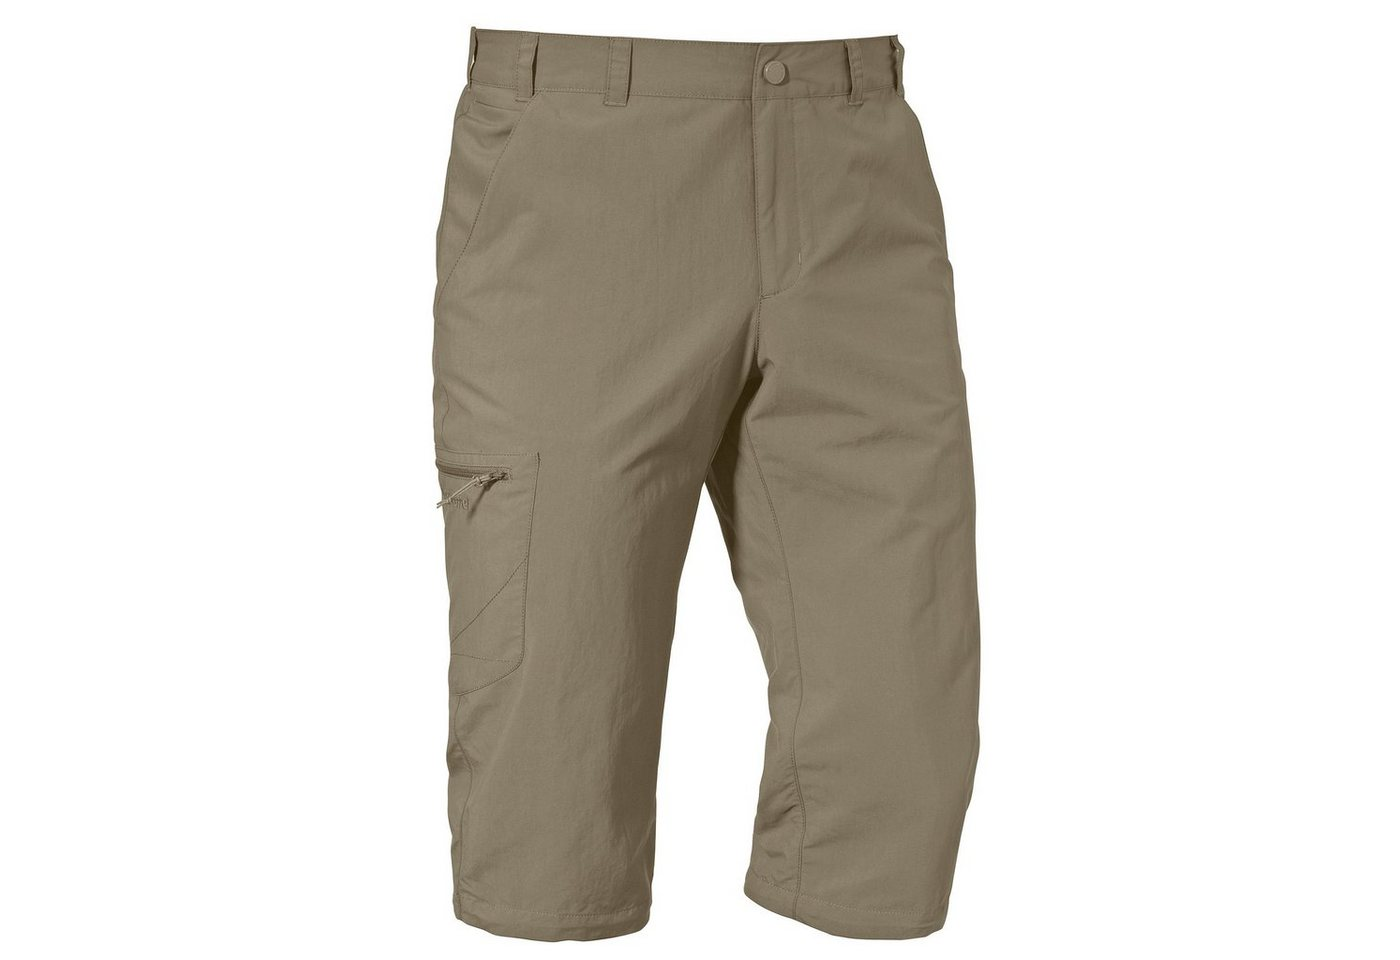 Schöffel Shorts »Springdale1 22136-4750« | Bekleidung > Shorts & Bermudas > Shorts | Braun | Schöffel